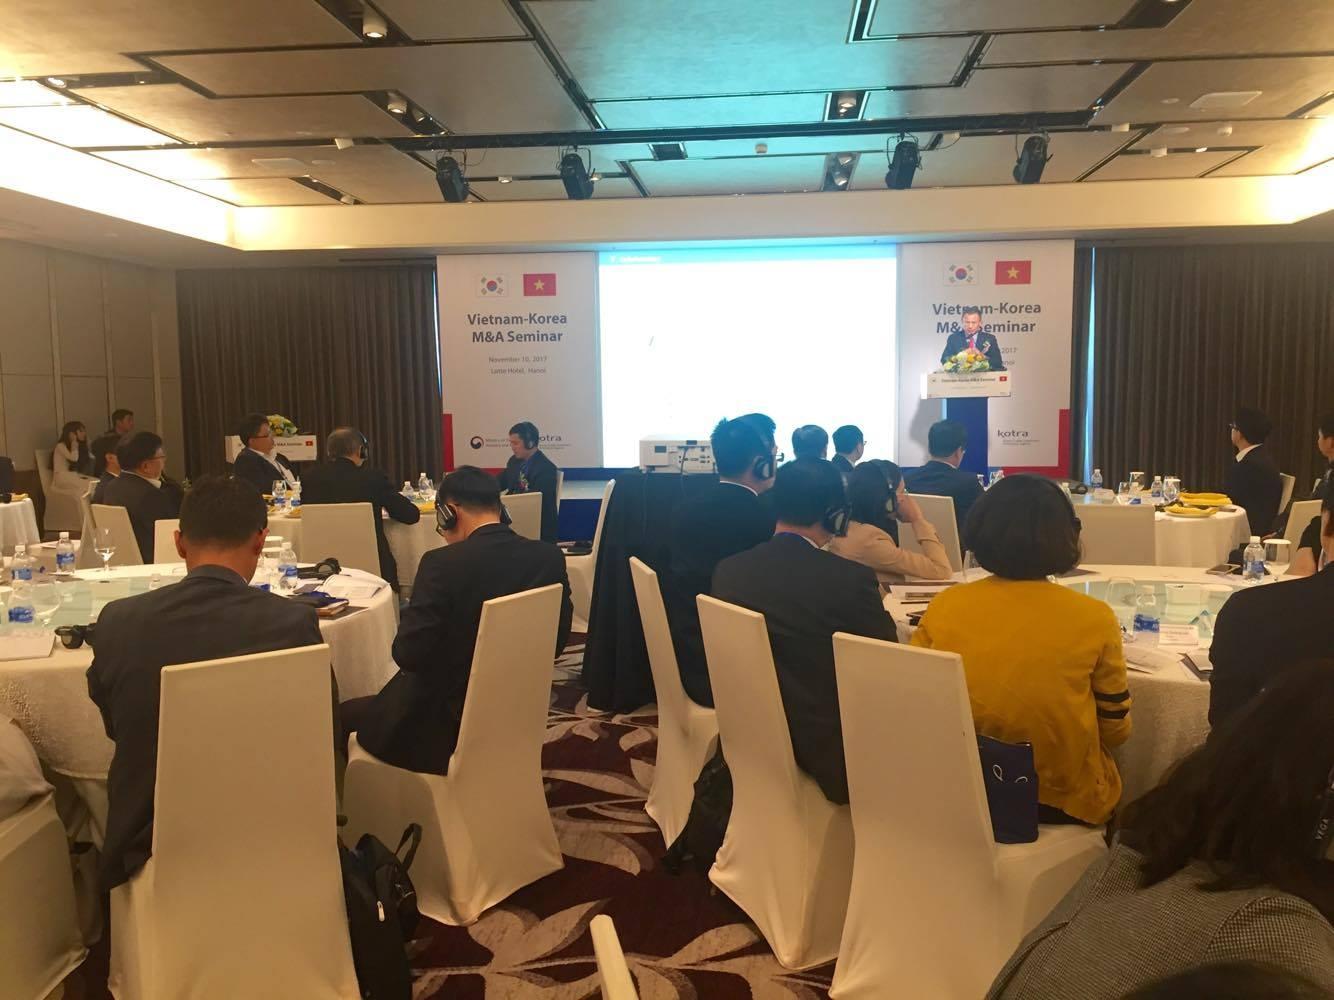 Tăng cường hợp tác lĩnh vực giao thương Việt Nam - Hàn Quốc